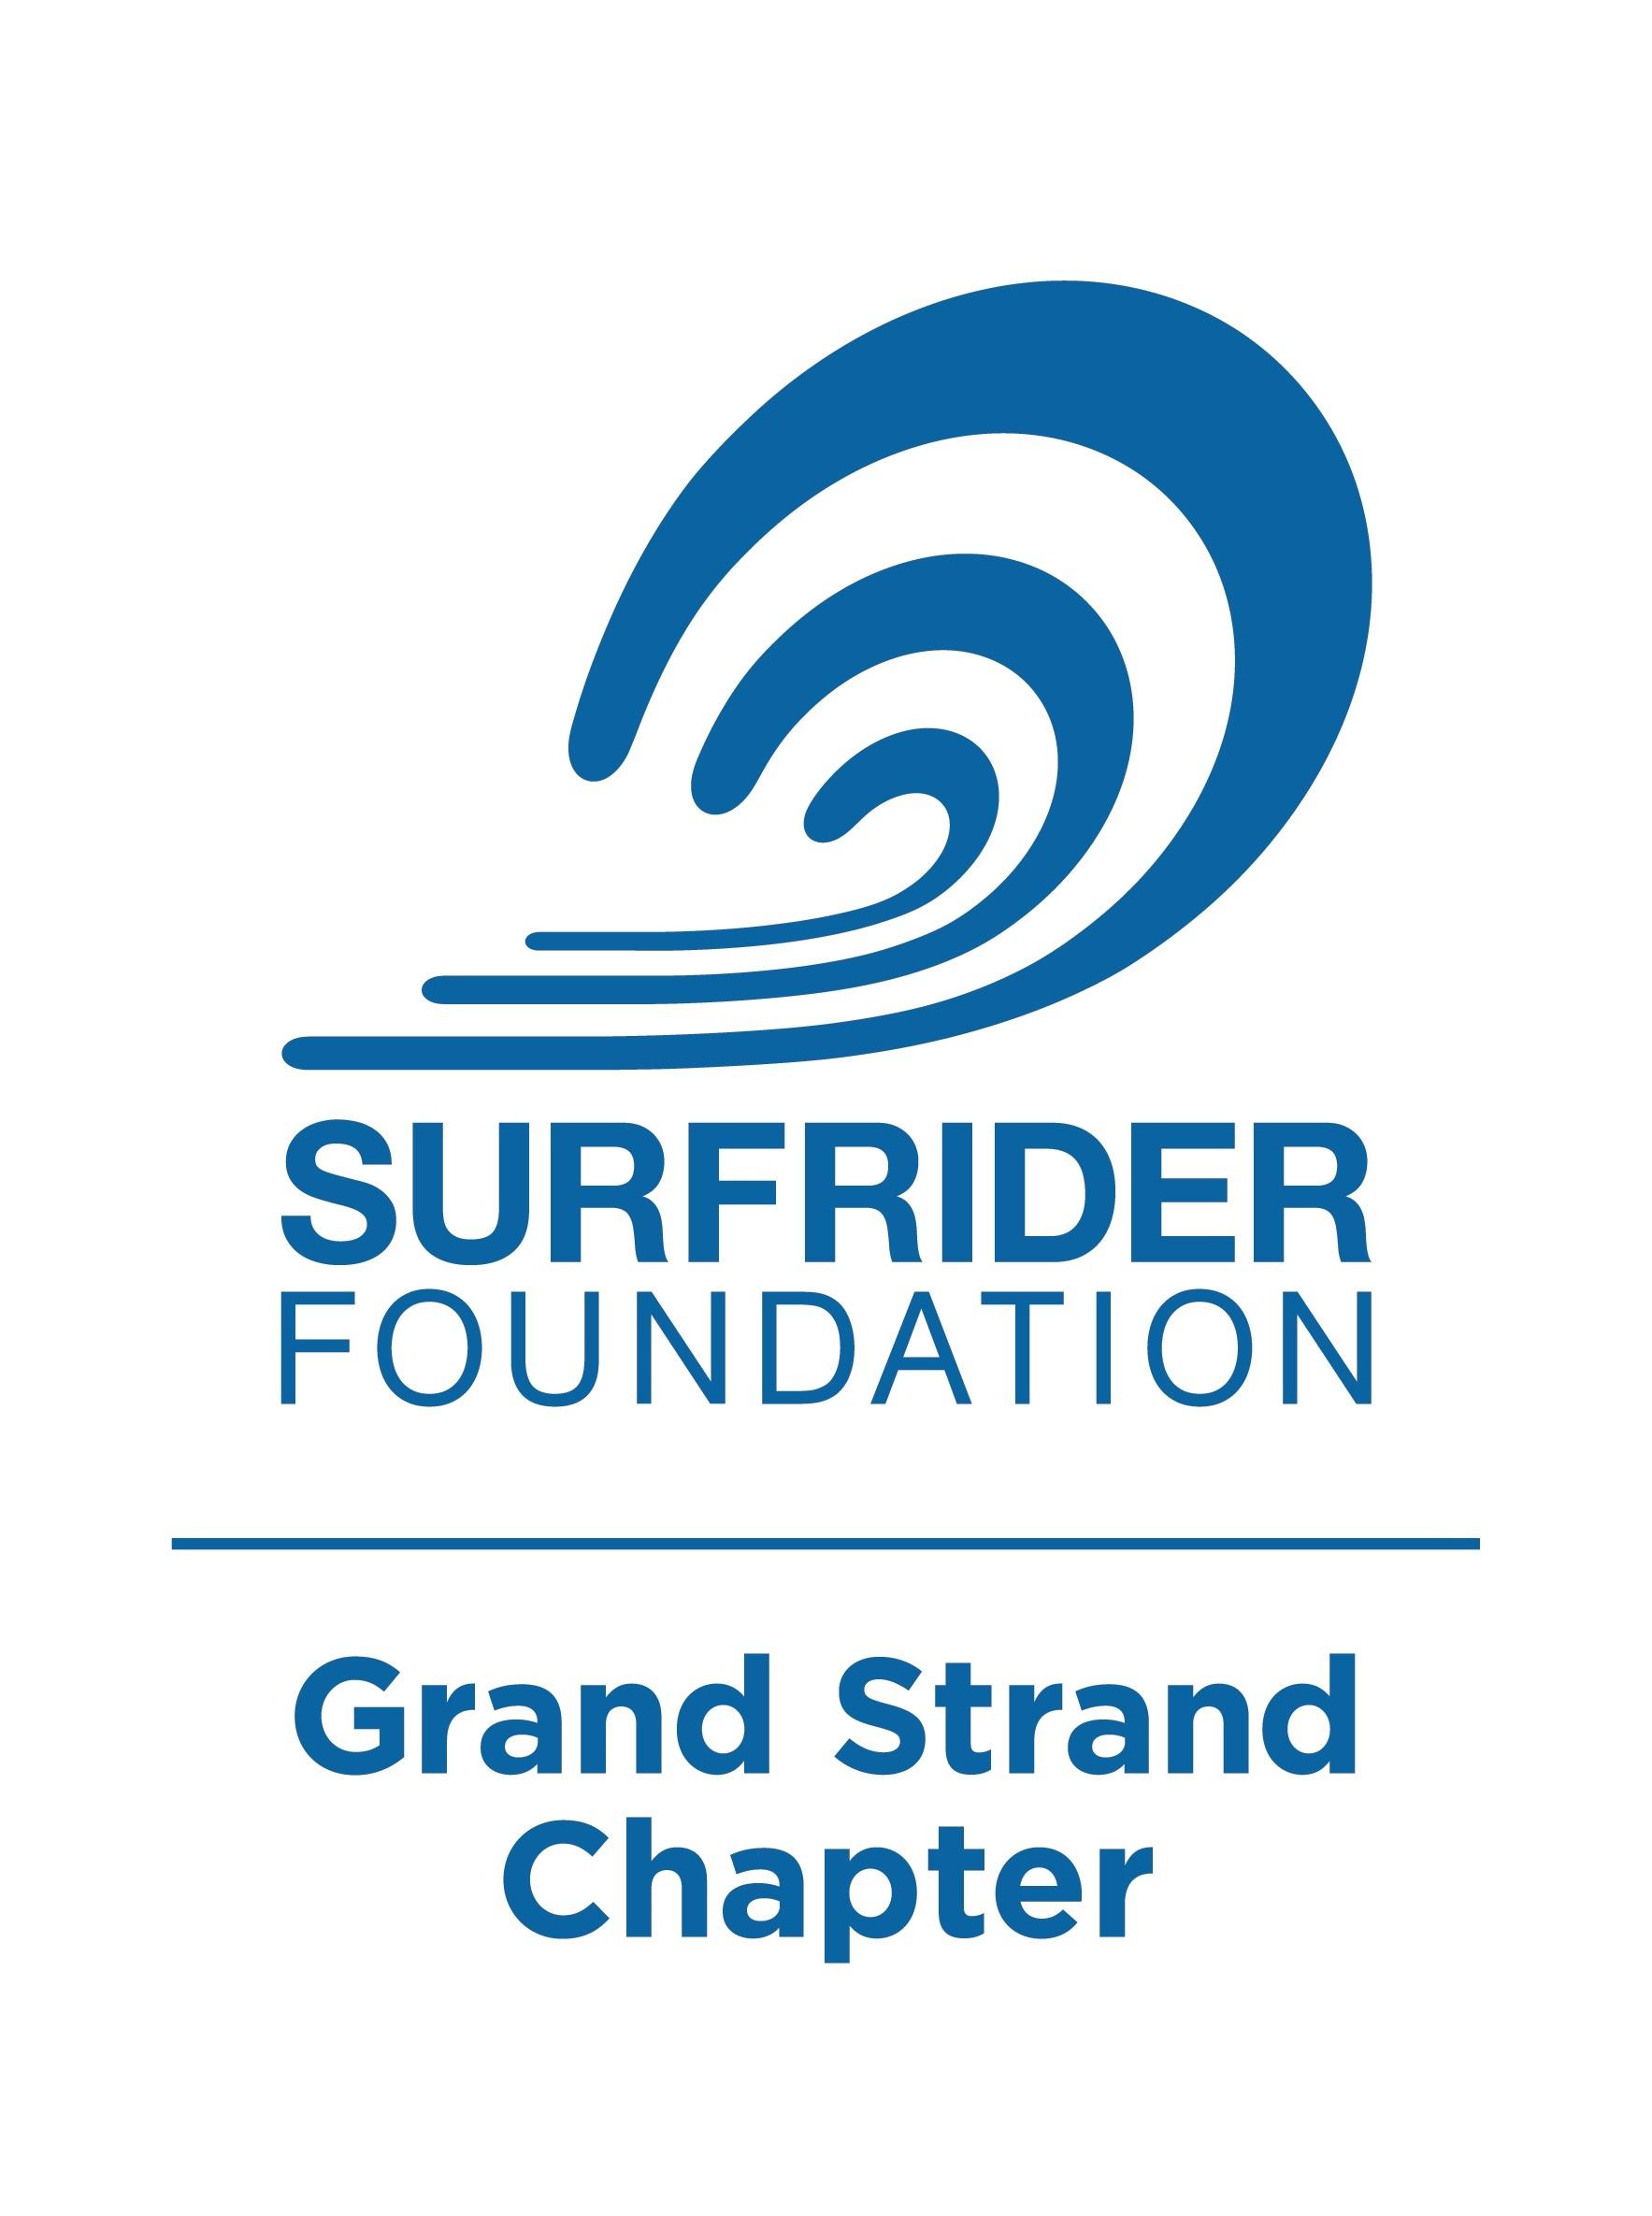 SURFRIDER GRAND STRAND CHAPTER